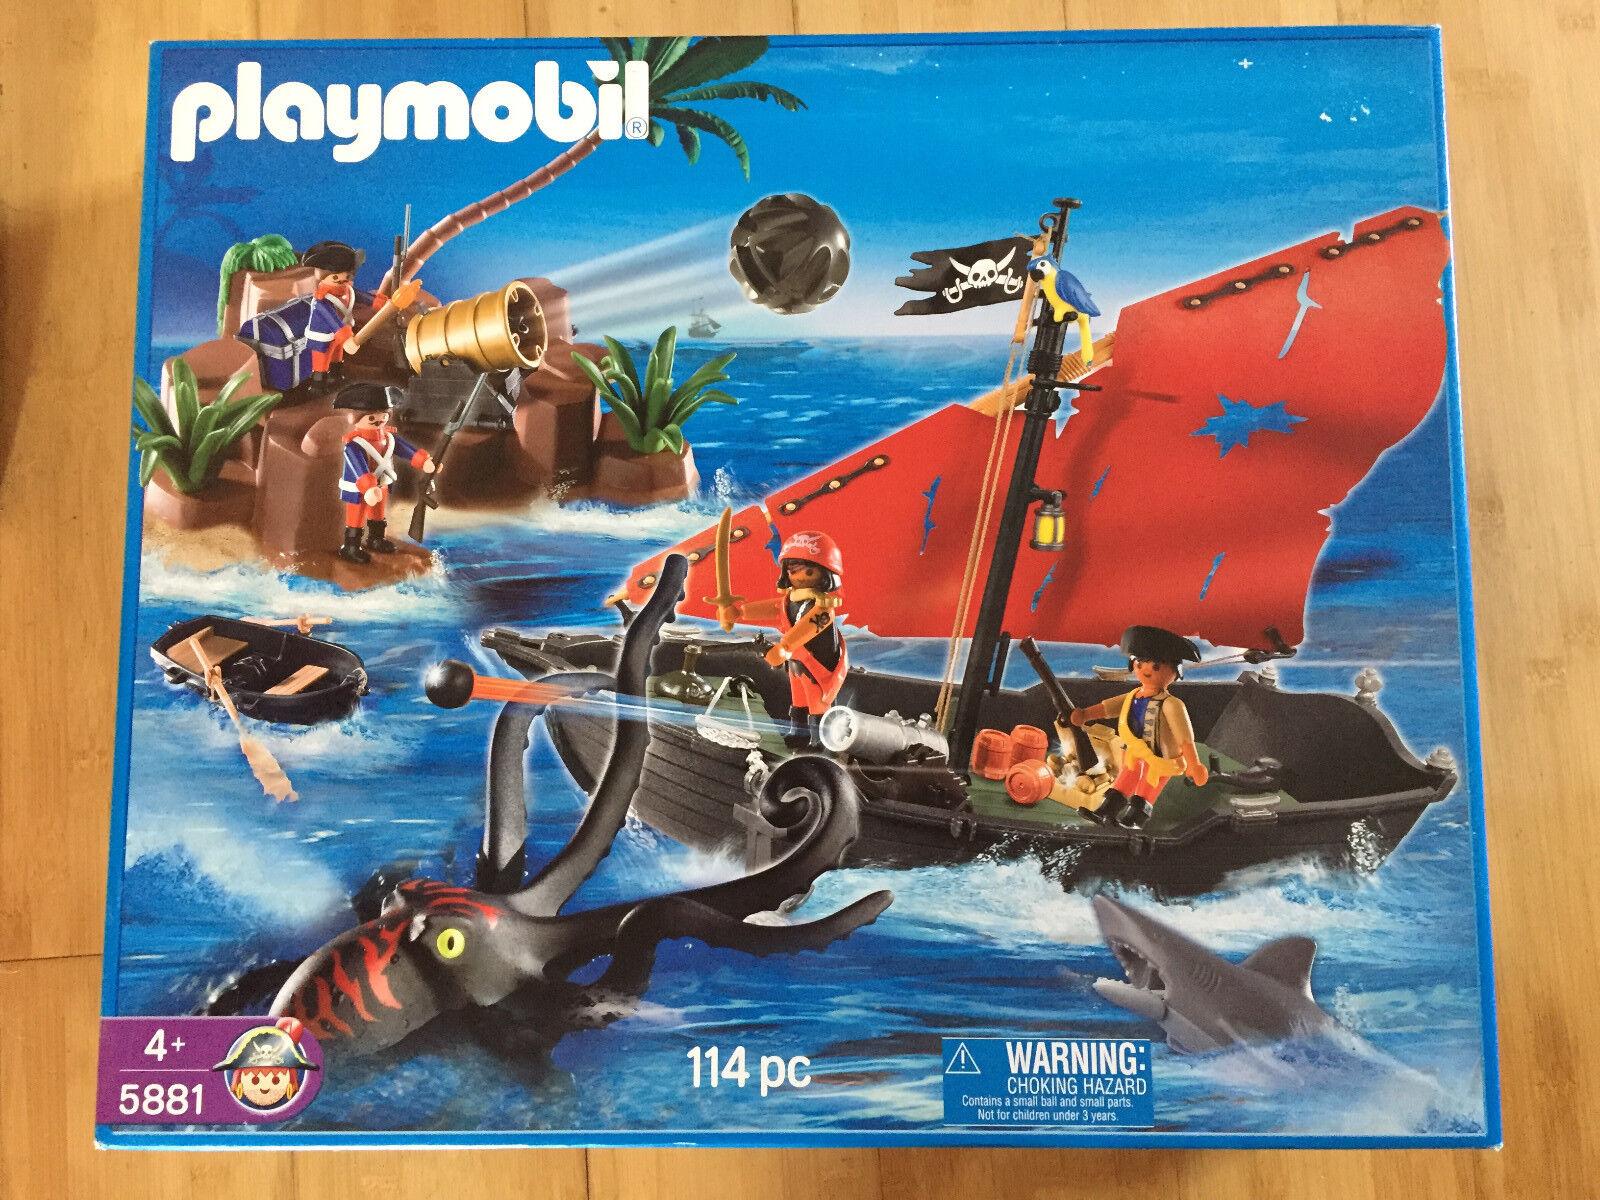 5881 playmobil Piraten-Set, Krake, PiratenStiefel, Kanone 114 Teile Neu + OVP